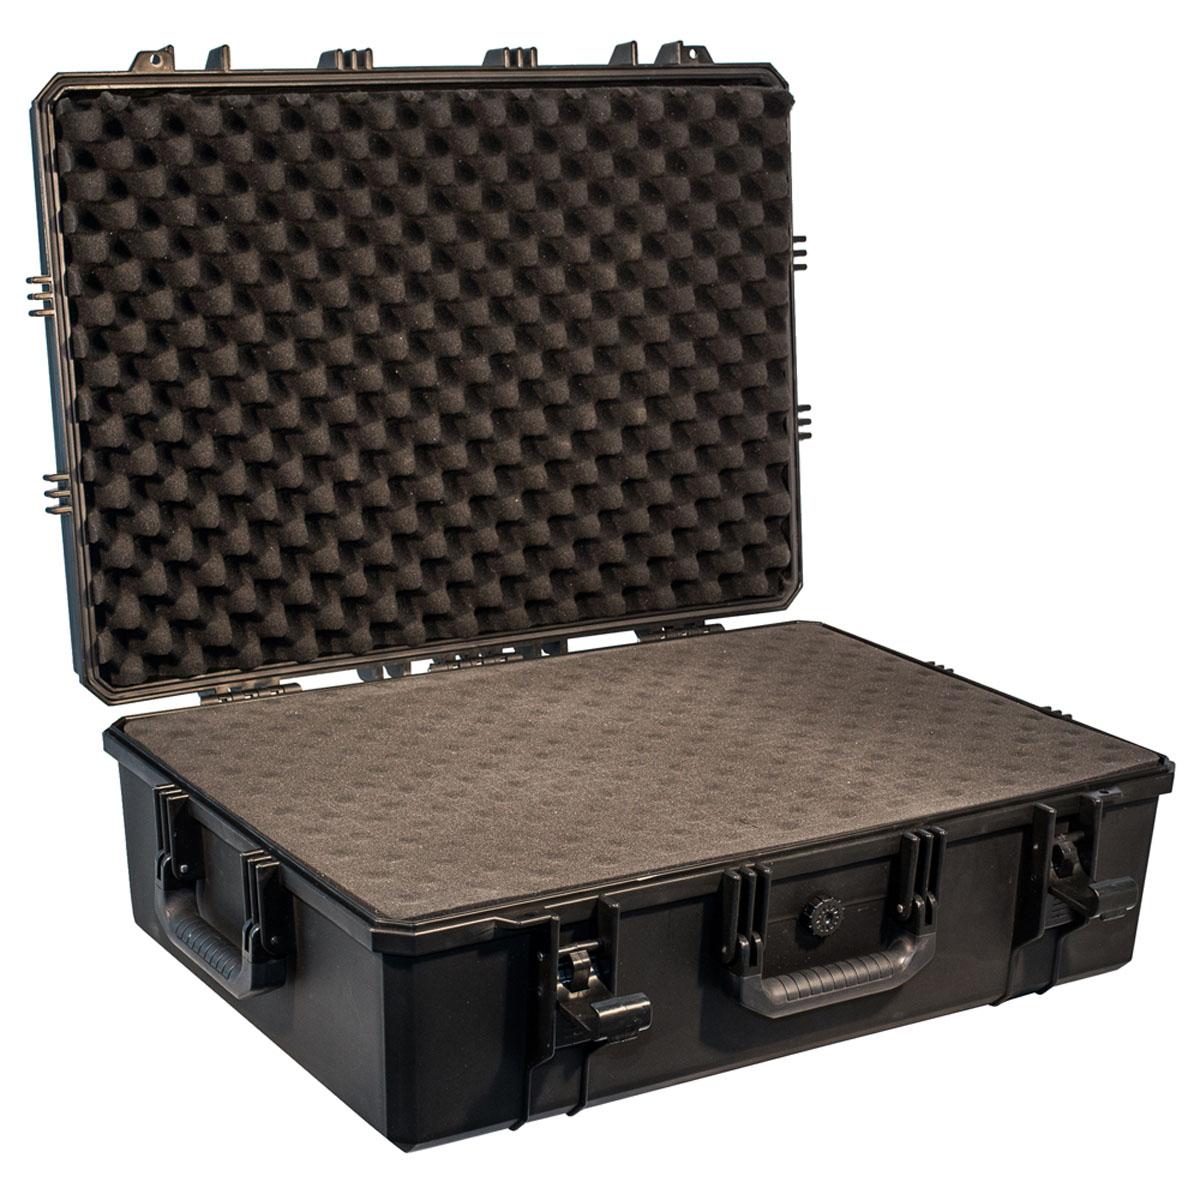 Кейс противоударный PRO-4x4 №8, влагозащищенный, 72 x 51,5 x 24,5 см, цвет: черныйSATURN CANCARDКейс №8 с поропластом - это один из самых больших кейсов, позволяющих разместить Ваше оборудование, предварительно подготовив для него ложемент.Защищенные кейсы PRO-4x4 это надежный и проверенный способ сохранить в целостности дорогостоящее оборудование, требующее бережной транспортировки и гарантированной сохранности.Кейсы снабжены удобными и надежными ручками, в крышке имеется паз с резиновым уплотнением. Так же все кейсы PRO-4x4 имеют клапан выравнивания давления.Благодаря используемым материалам и технологии изготовления кейсы способны выдержать значительные ударные и статические нагрузки защищая свое содержимое от механических повреждений.Герметичность и пыле-влагозащищенность кейсов PRO-4x4 оградит дорогостоящую технику от агрессивной внешней среды и не позволит вывести ее из строя в процессе транспортировки.Великолепный внешний вид, потребительские свойства и непревзойдённое качество исполнения кейсов PRO-4x4 соответствуют запросам самых требовательных потребителей.В зависимости от выбранного размера кейс подойдет для хранения ценных документов, оружия, запасных частей и электронного оборудования. Область применения может быть самой различной, он одинаково хорошо покажет себя и во время внедорожного путешествия и в производственных процессах.